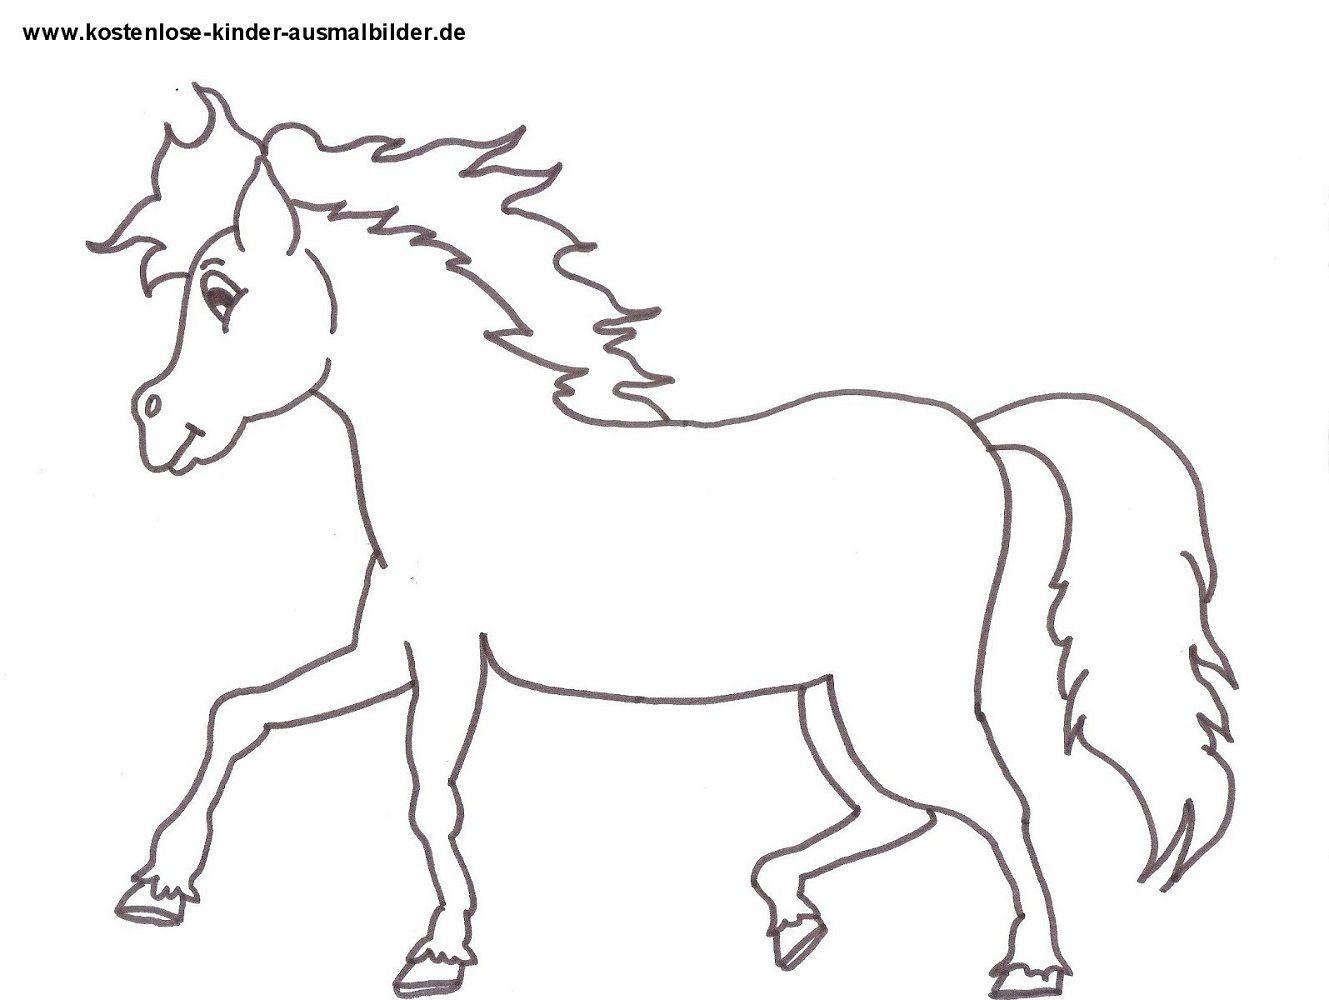 Ausmalbilder Pferde Zum Ausdrucken : Ausmalbilder Pferde Gratis Ausmalbilder Pferde Kostenlos Zum